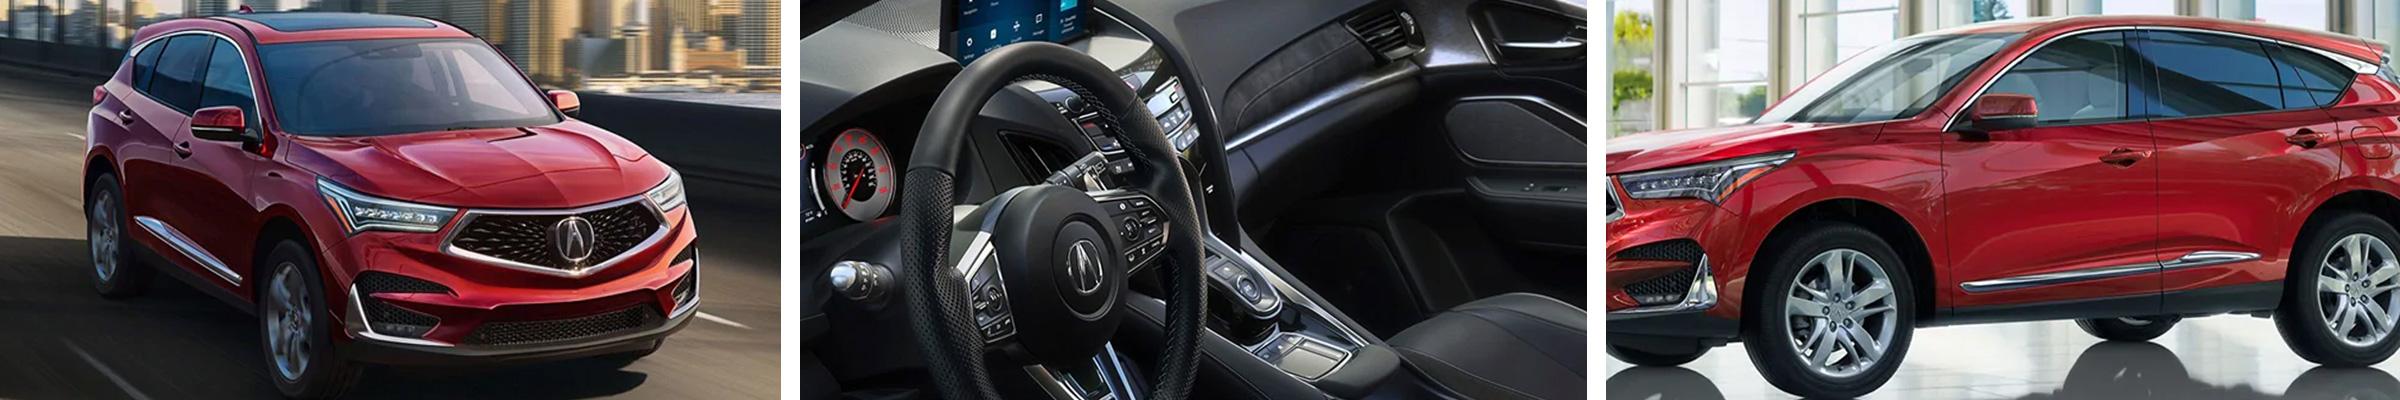 2021 Acura RDX For Sale Naperville IL | Chicago